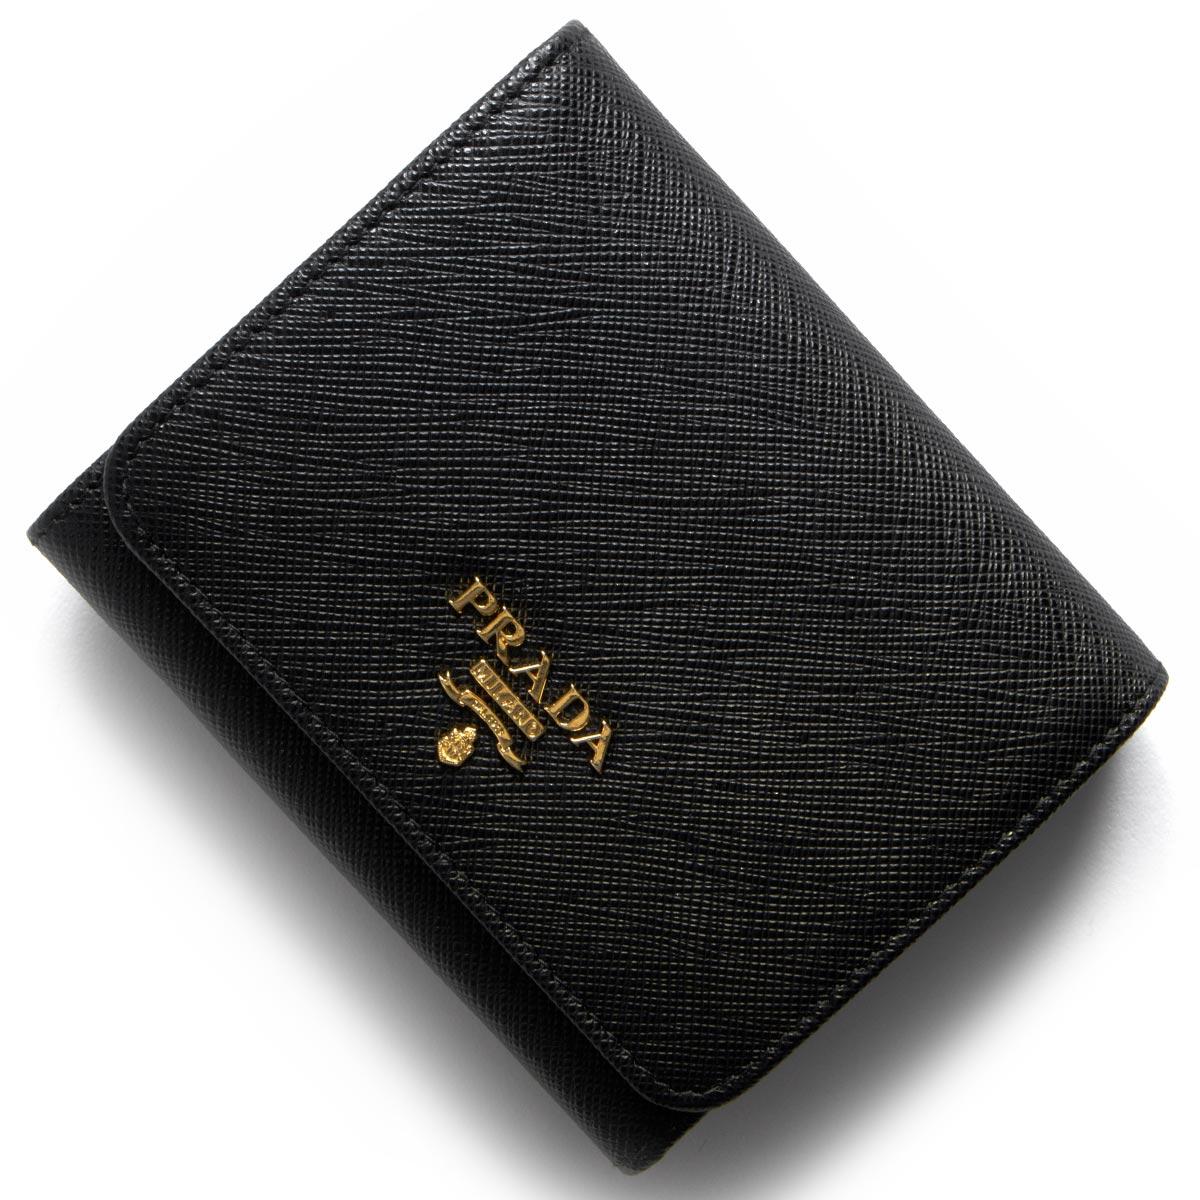 送料無料 プラダ PRADA 財布 三つ折り財布 1MH176 QWA 推奨 オンラインショッピング レディース F0002 メタル 新品 サフィアーノ ブラック